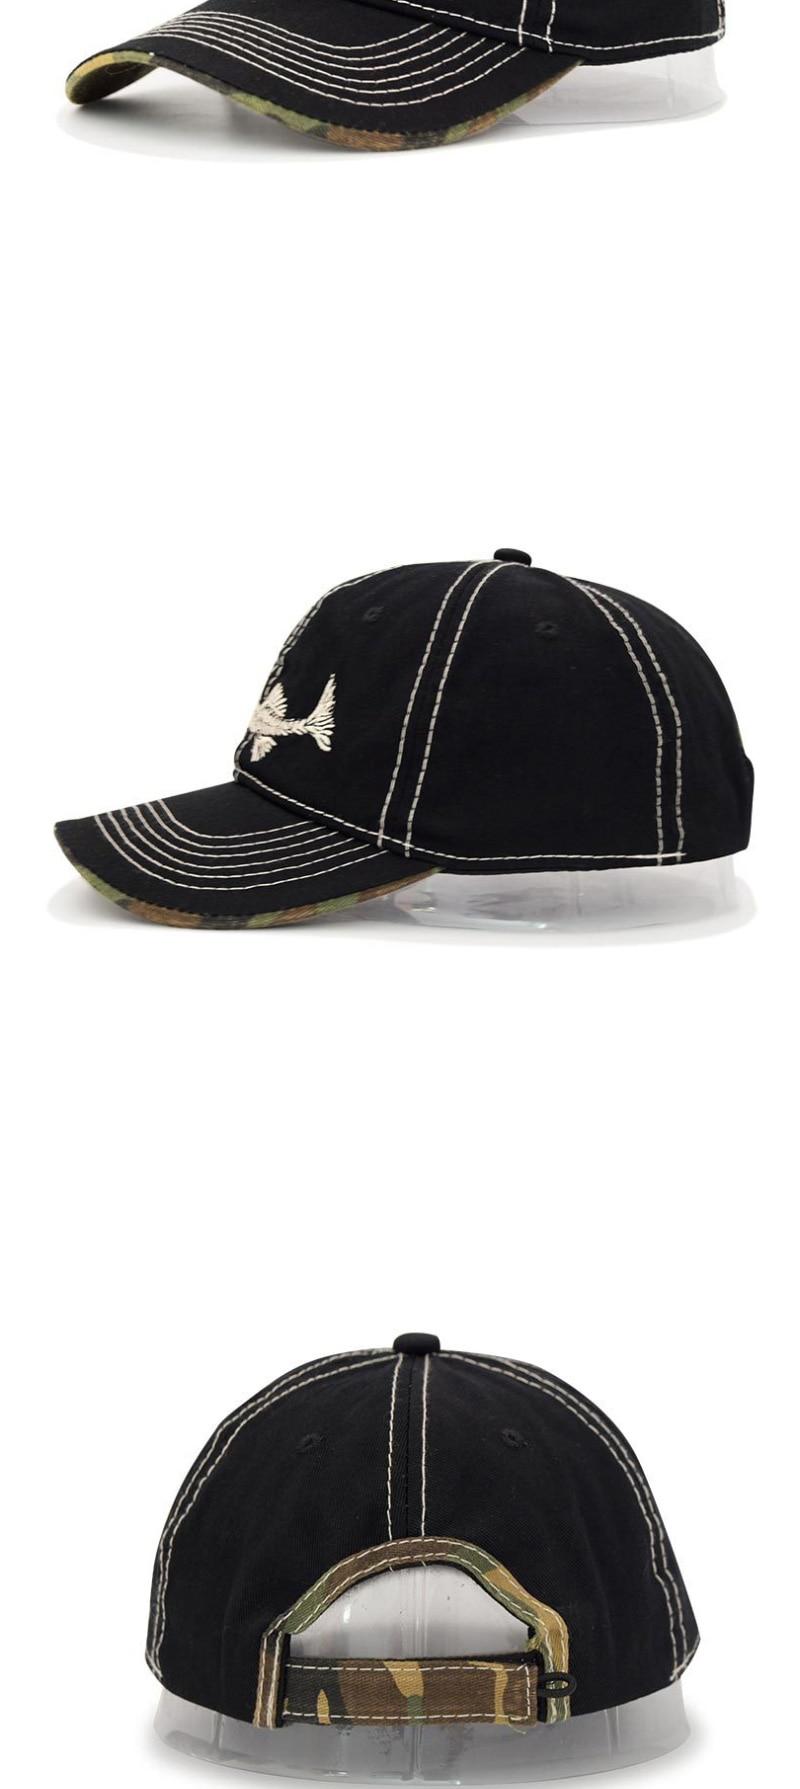 男女棒球帽_户外钓鱼棒球帽百搭鸭舌帽鱼骨头路亚休闲街头---阿里巴巴_05